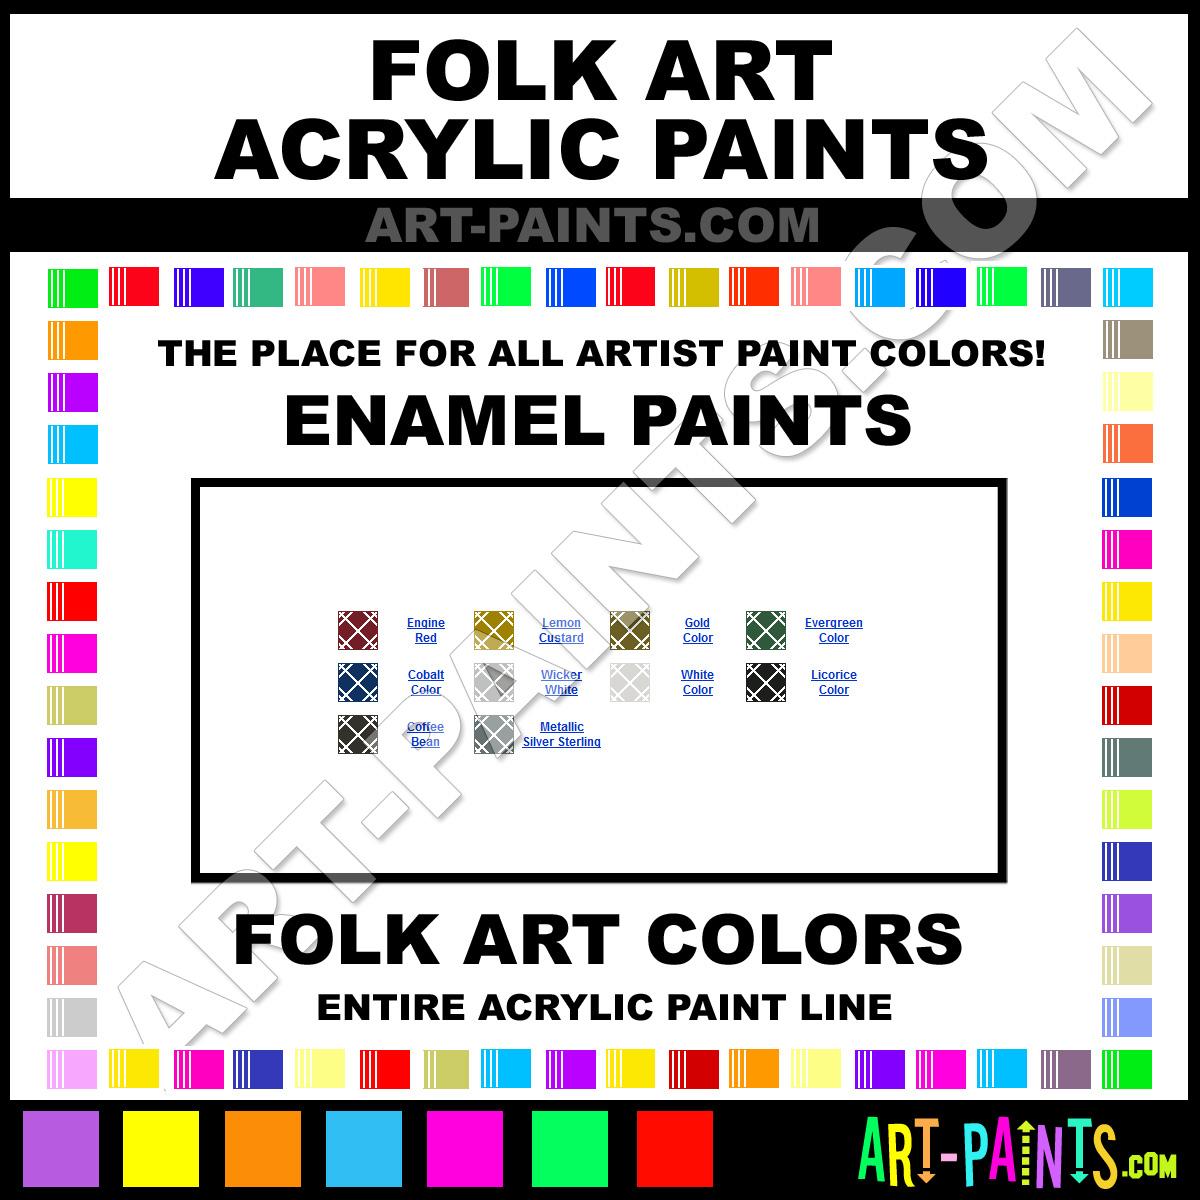 Folk art acrylic paint color chart - Licorice Paint 4032 By Folk Art Enamels Paints